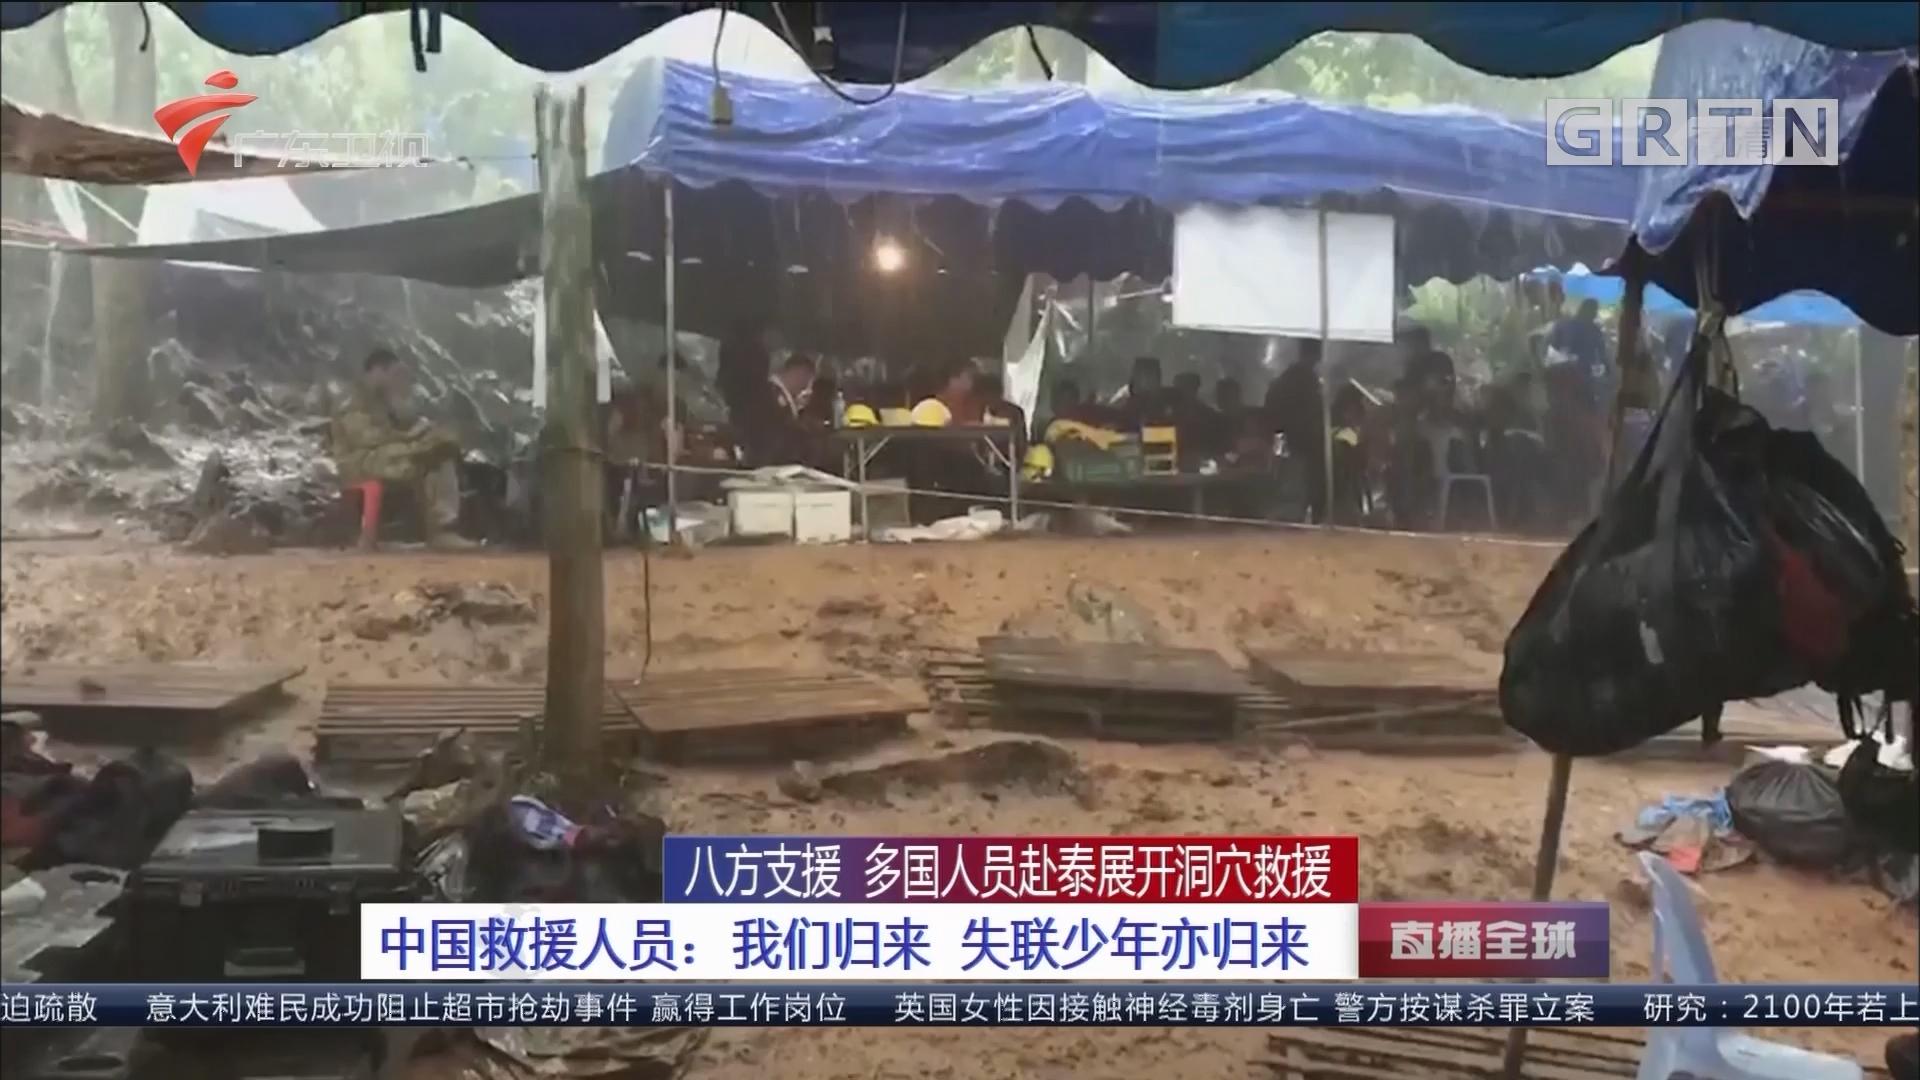 八方支援 多国人员赴泰展开洞穴救援 中国救援人员:我们归来 失联少年亦归来